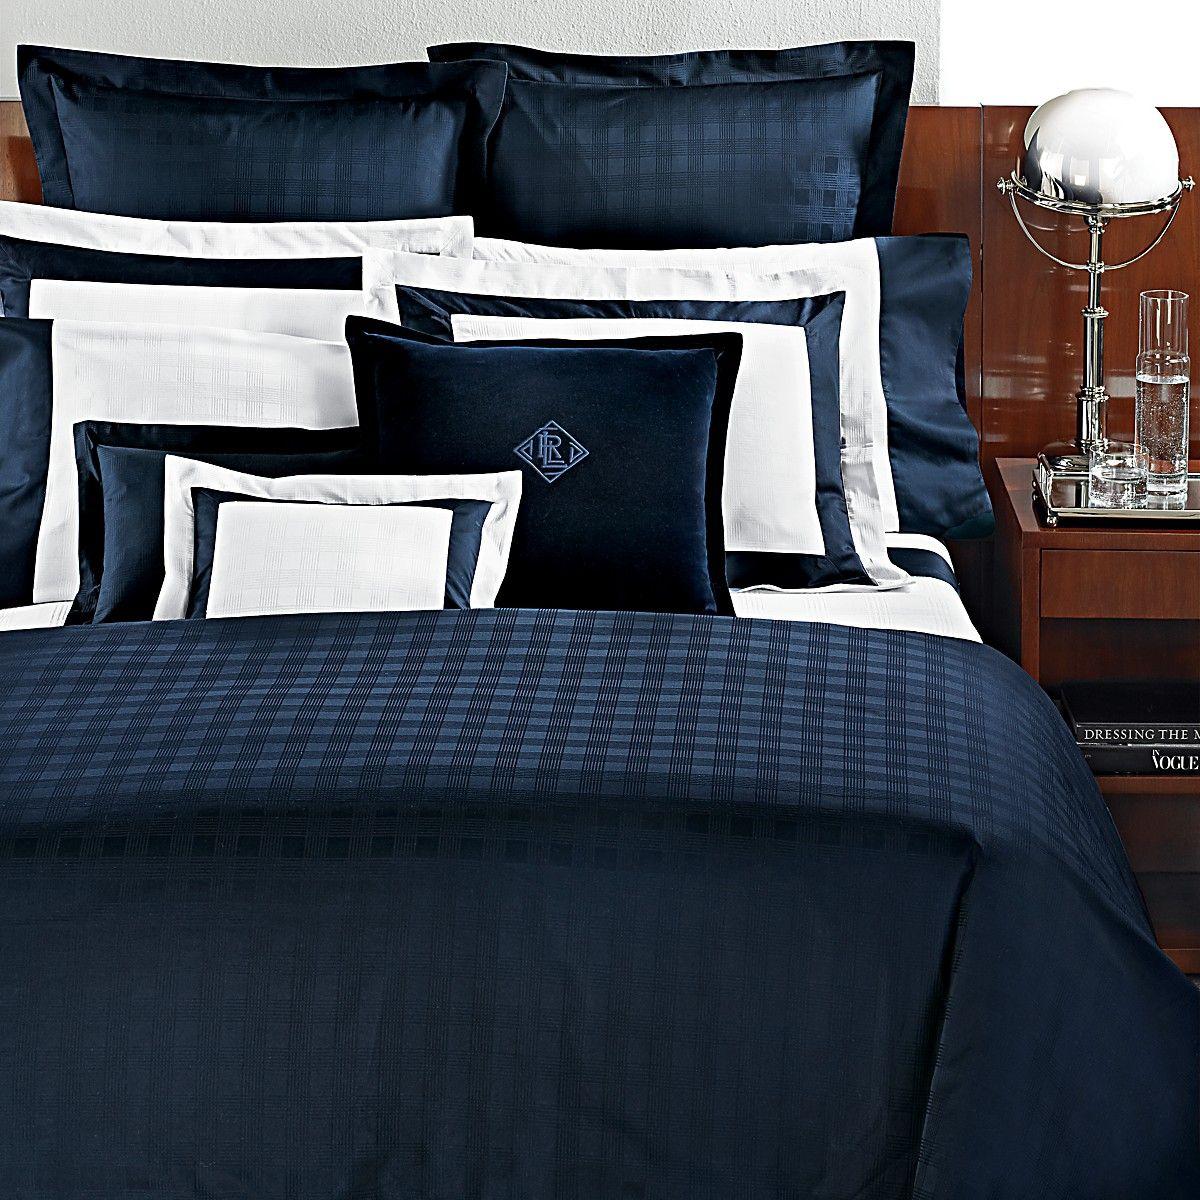 stripe ralph covers ed king lauren cover bluejam home navy jack club duvet